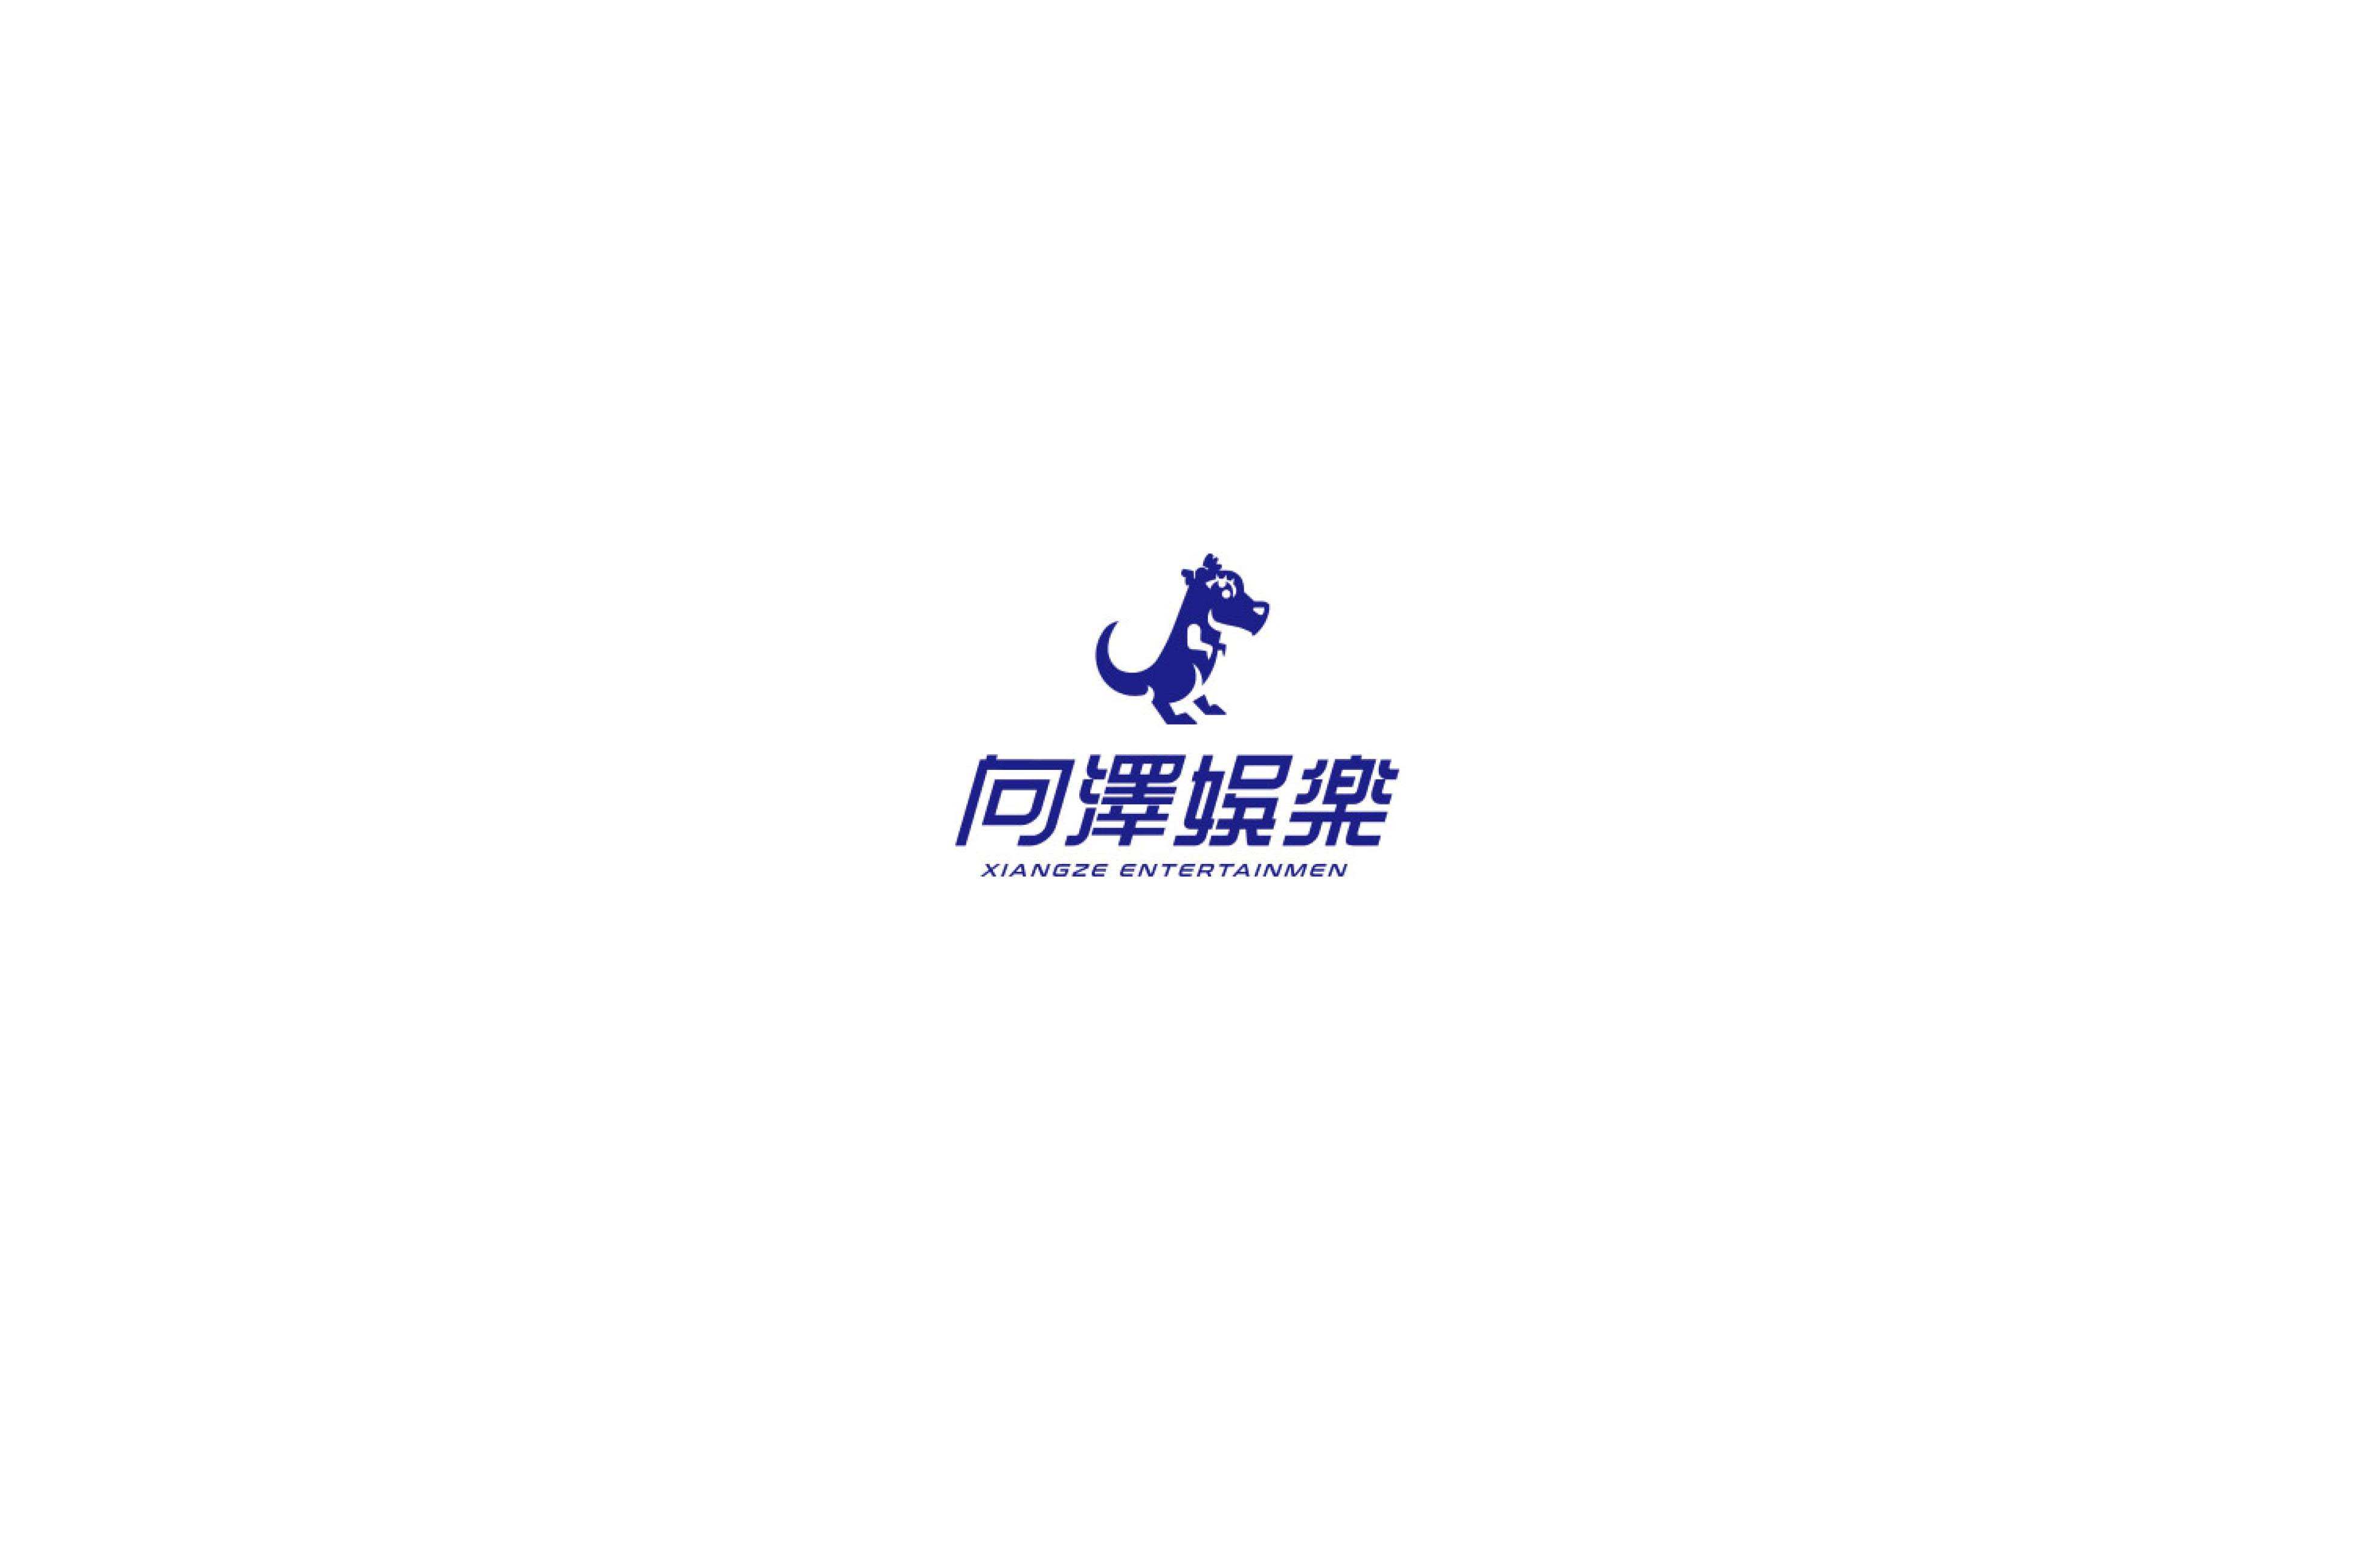 向澤娛樂2